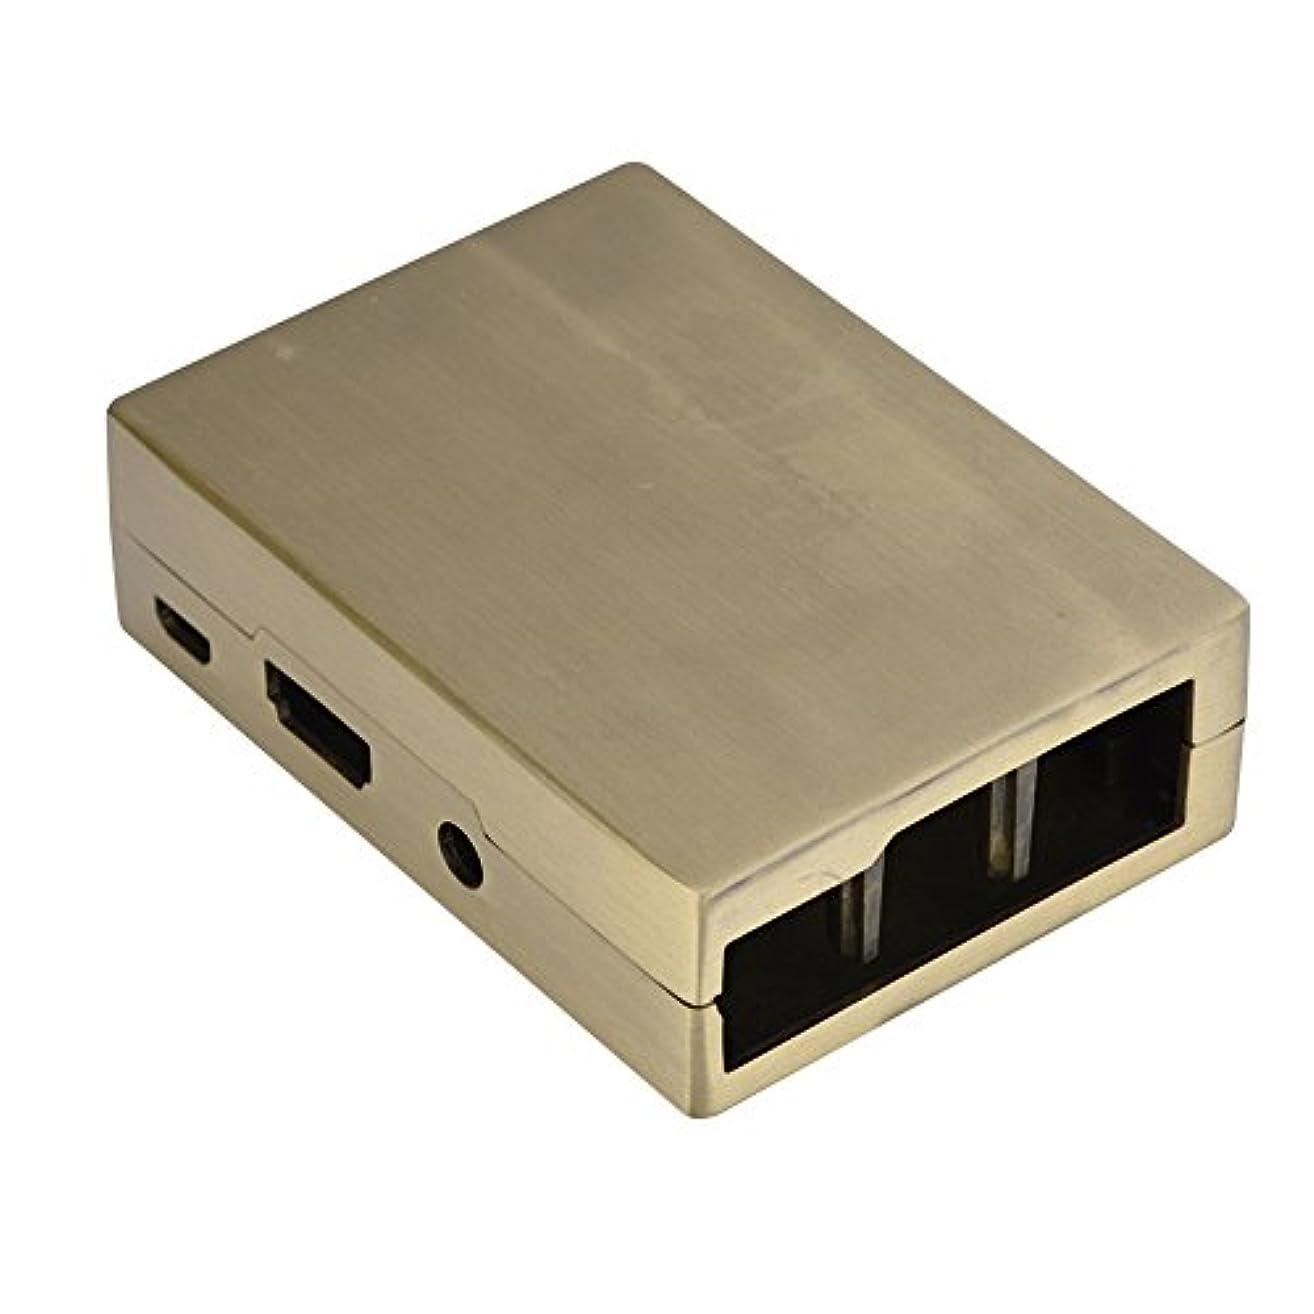 噴水心配船酔いVBESTLIFE ラズベリーパイ用ケース 高耐久 ABSプラスチック製エンクロージャ保護ケース Raspberry Pi 3/2 Model B and B+保護ケース(ゴールド)